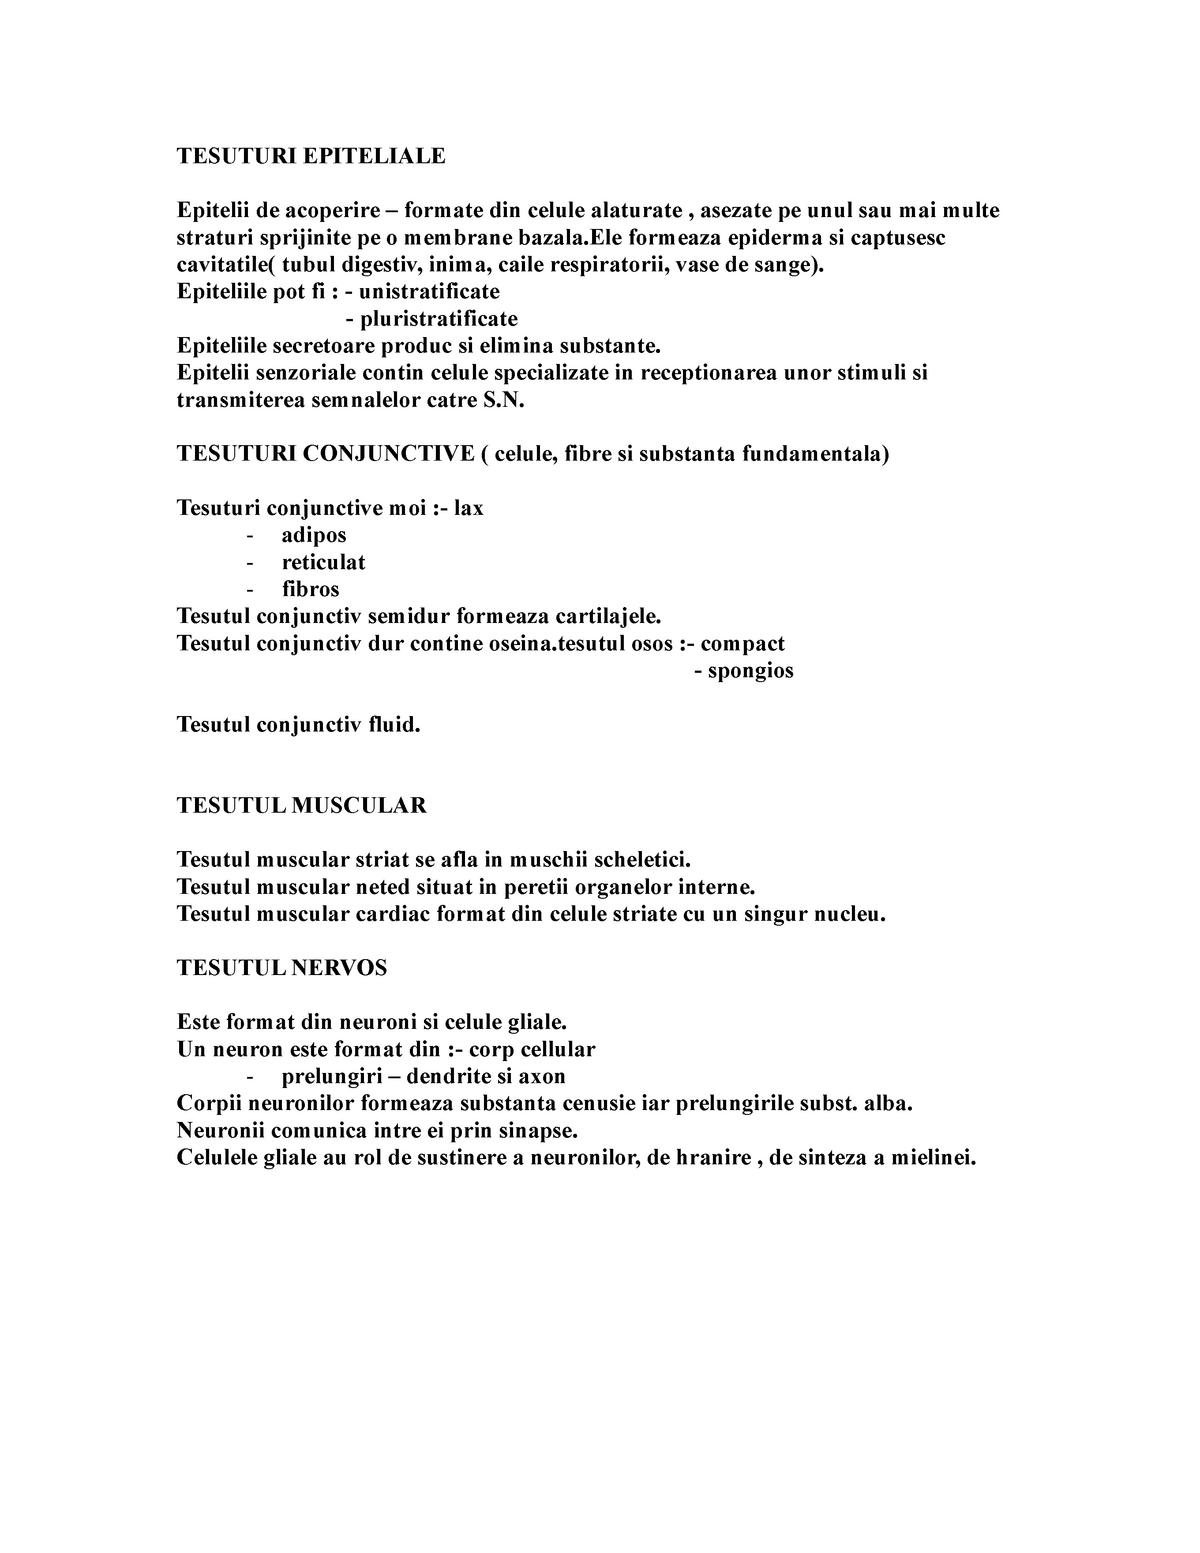 osul tesutului conjunctiv si cartilajul)